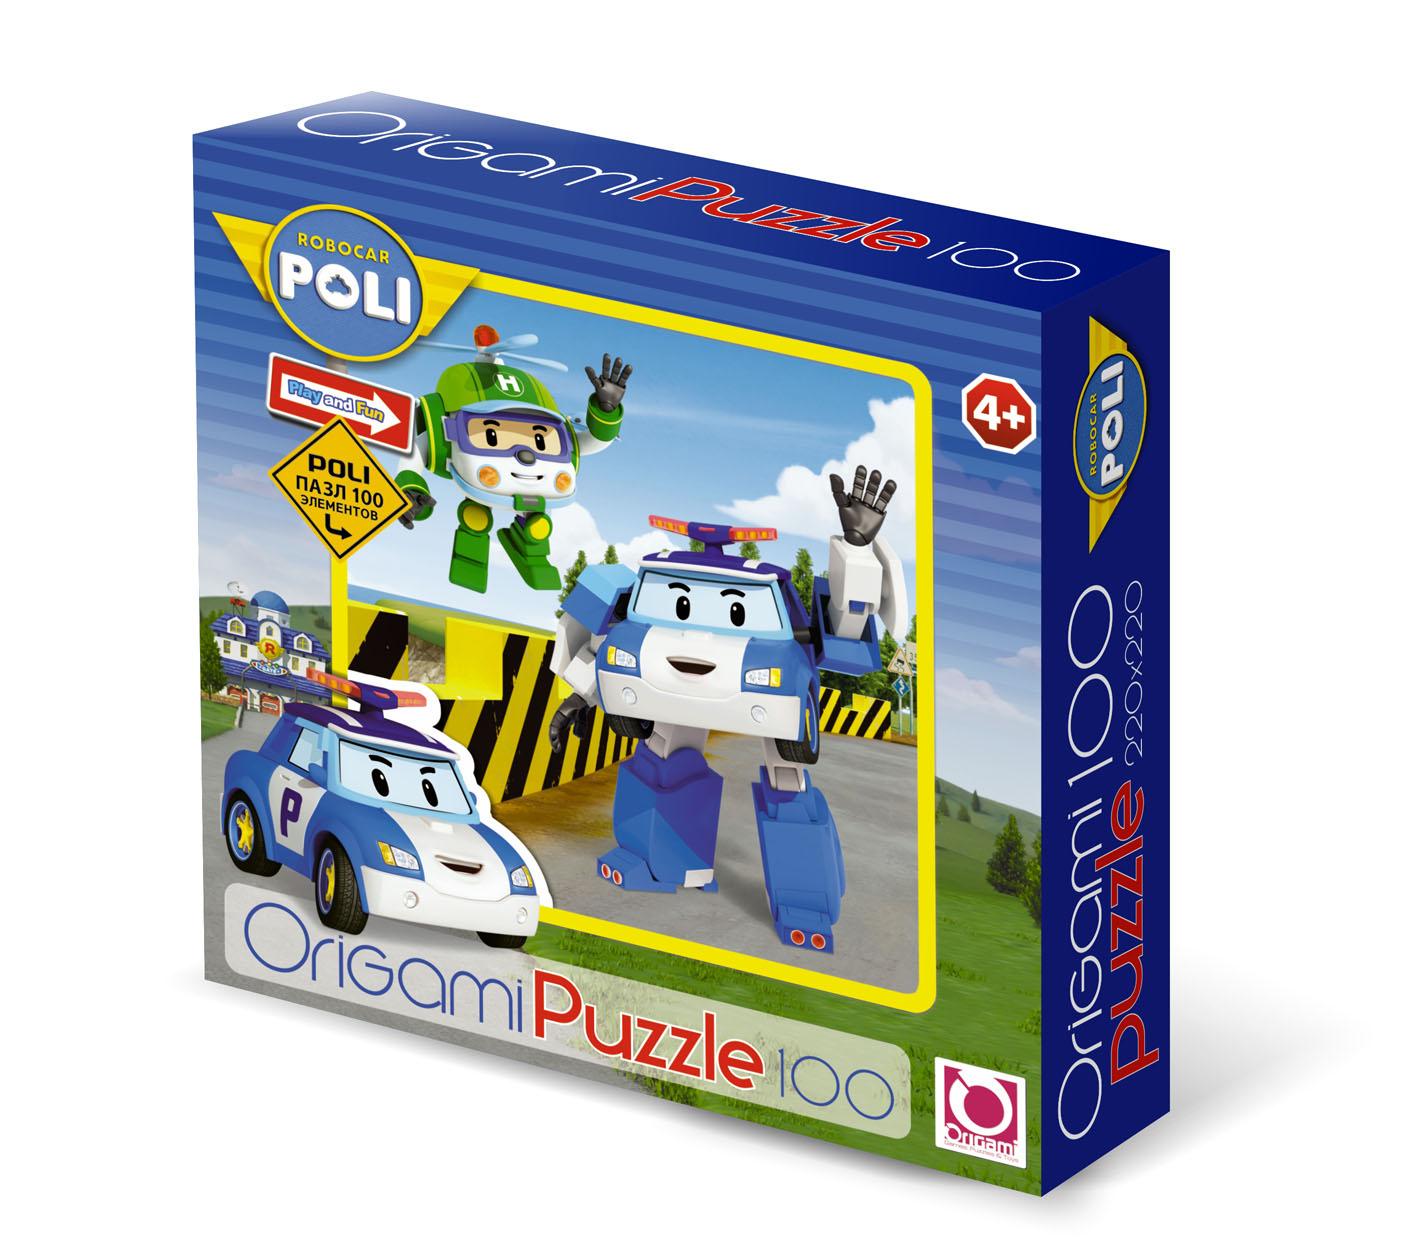 Паззл Robocar Poli 100 элементовRobocar Poli. Робокар Поли и его друзья<br>Паззл Robocar Poli 100 элементов<br>